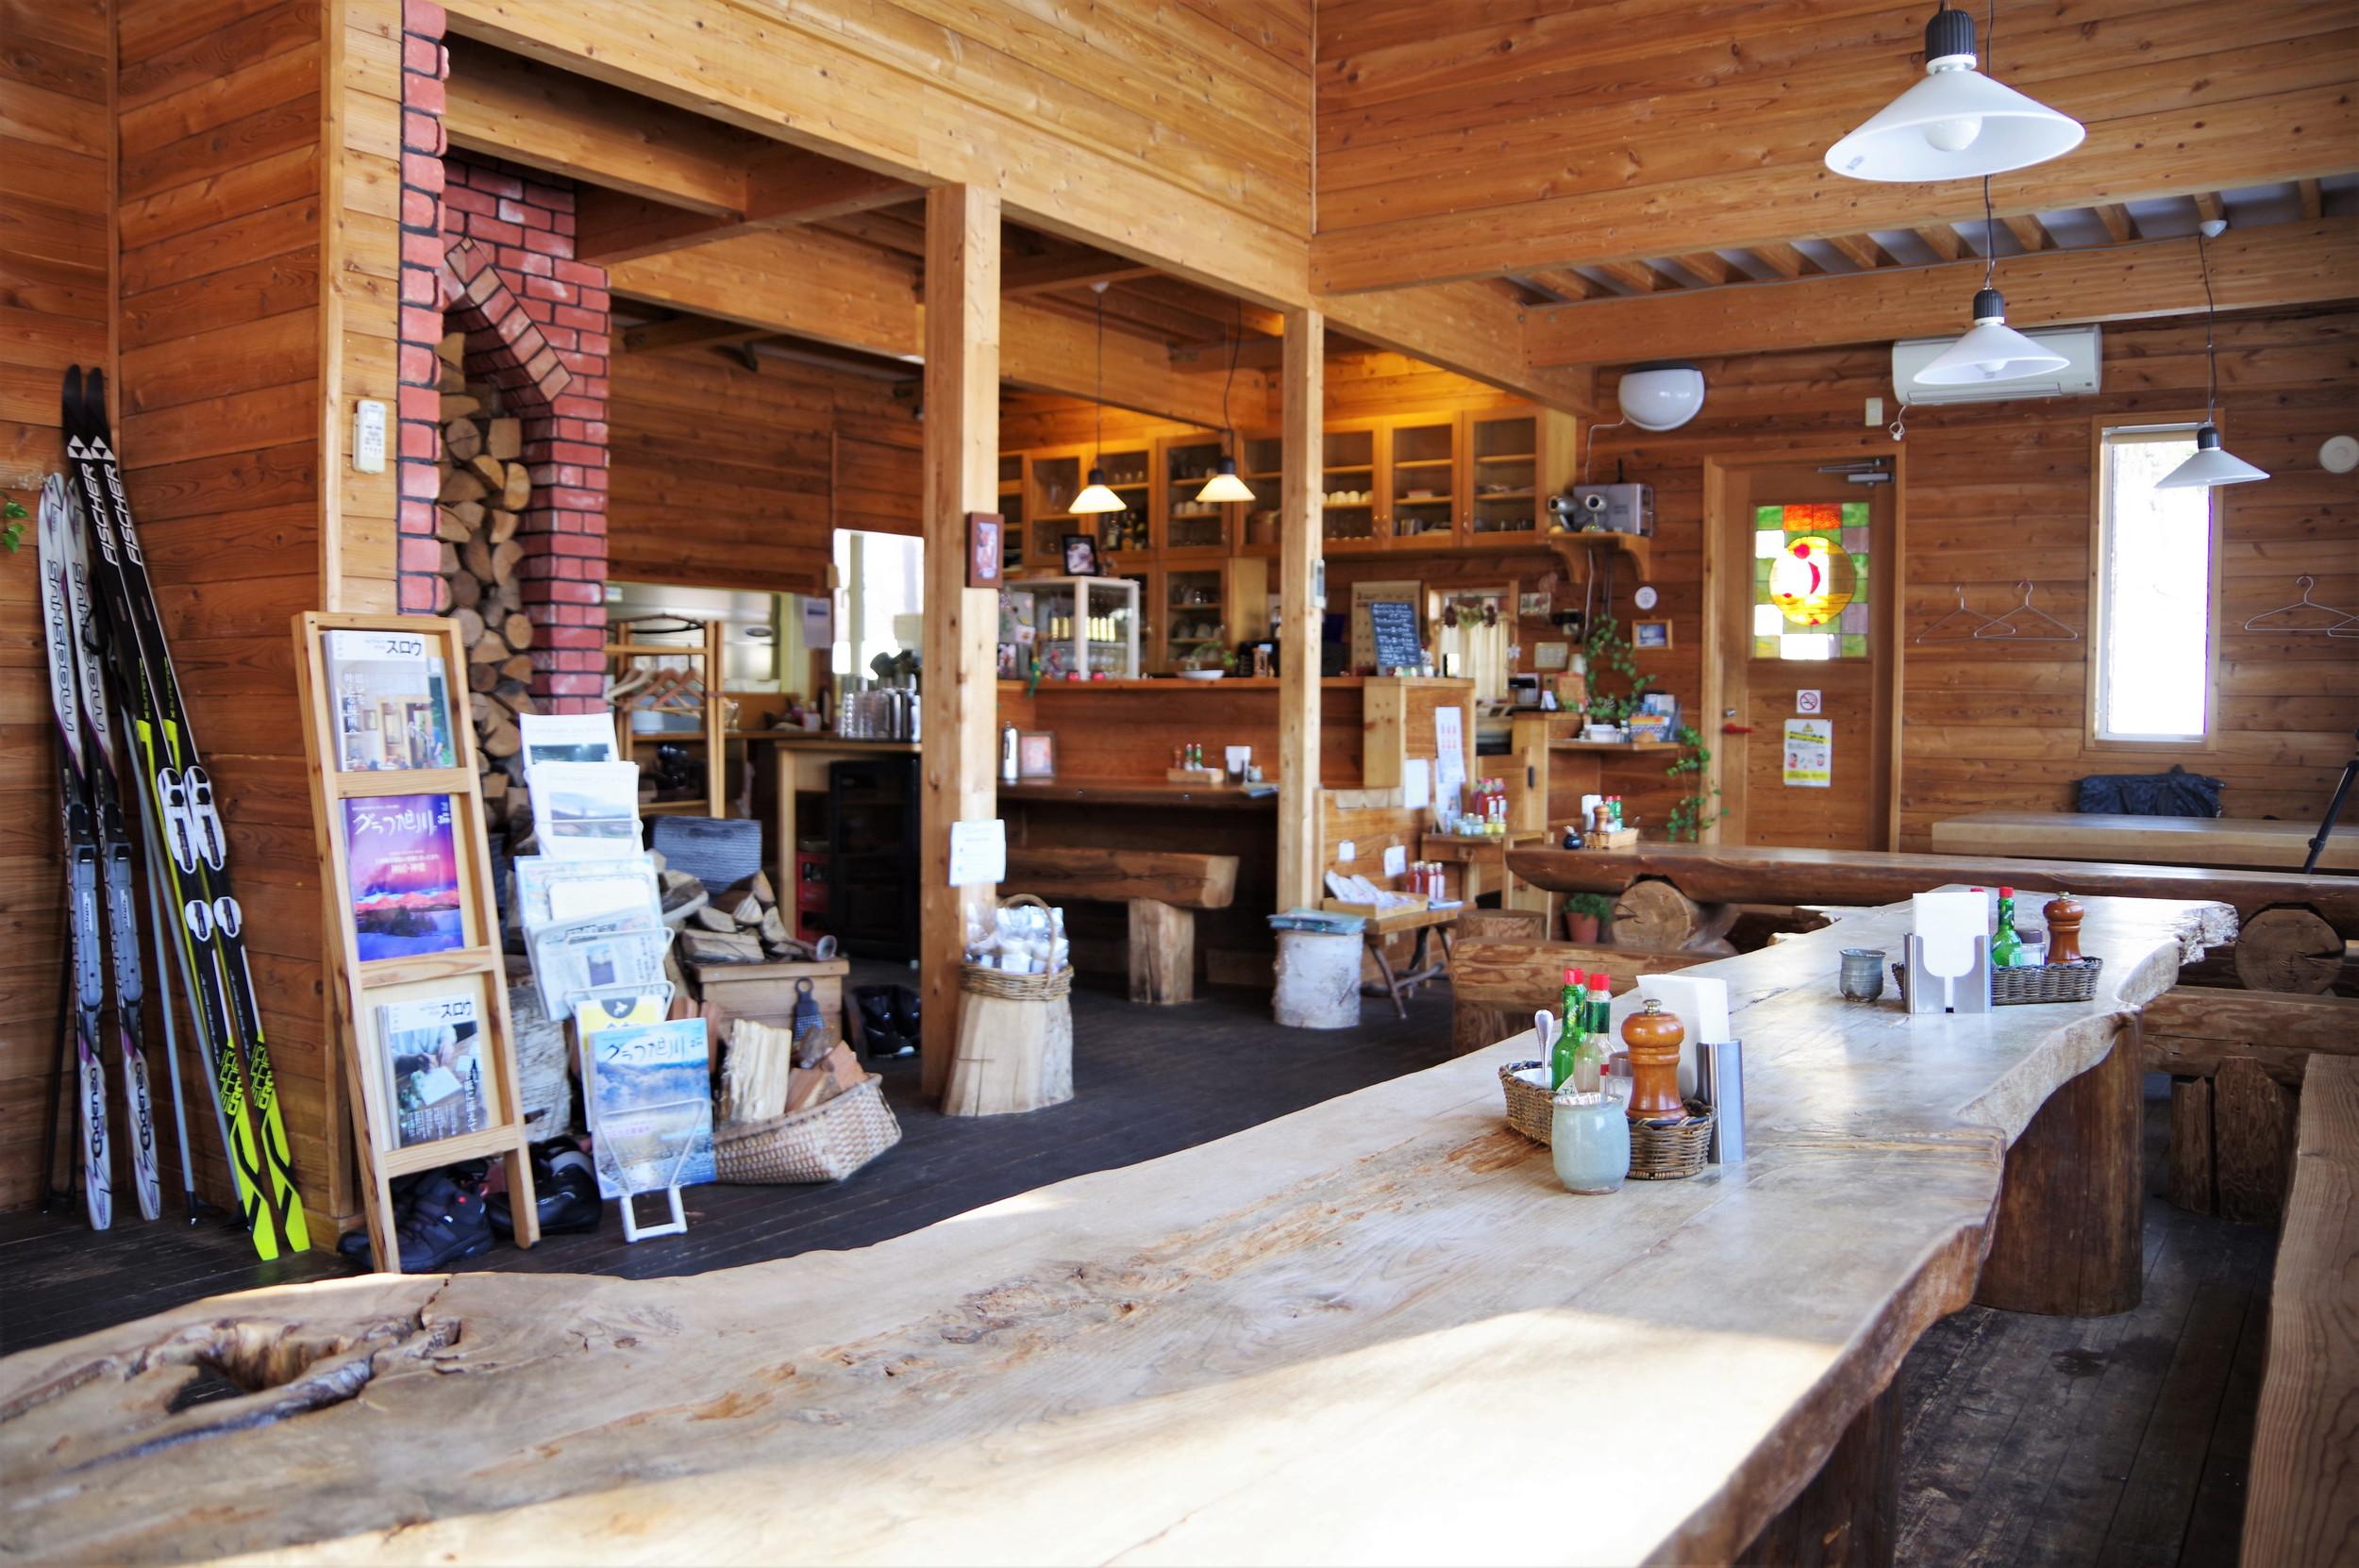 店内の椅子やテーブルの一部、暖炉の薪などはこの地で伐採した木材を使用